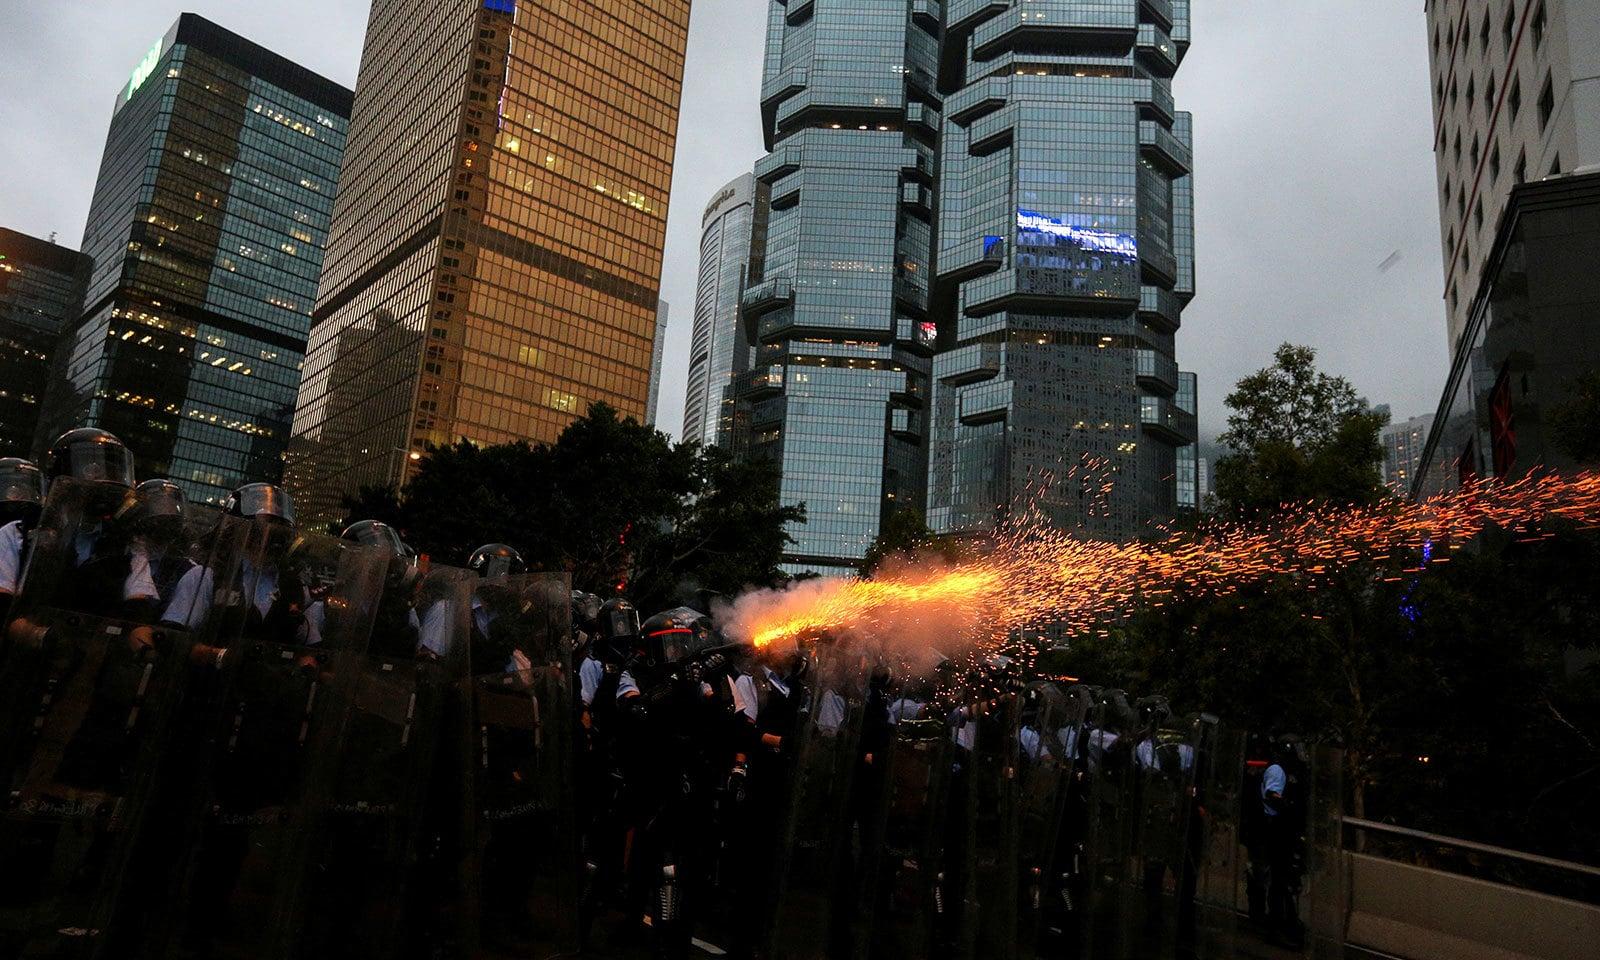 احتجاج کے درمیان پولیس اور مظاہرین کے درمیان جھڑپیں بھی ہوئیں — فوٹو: رائٹرز